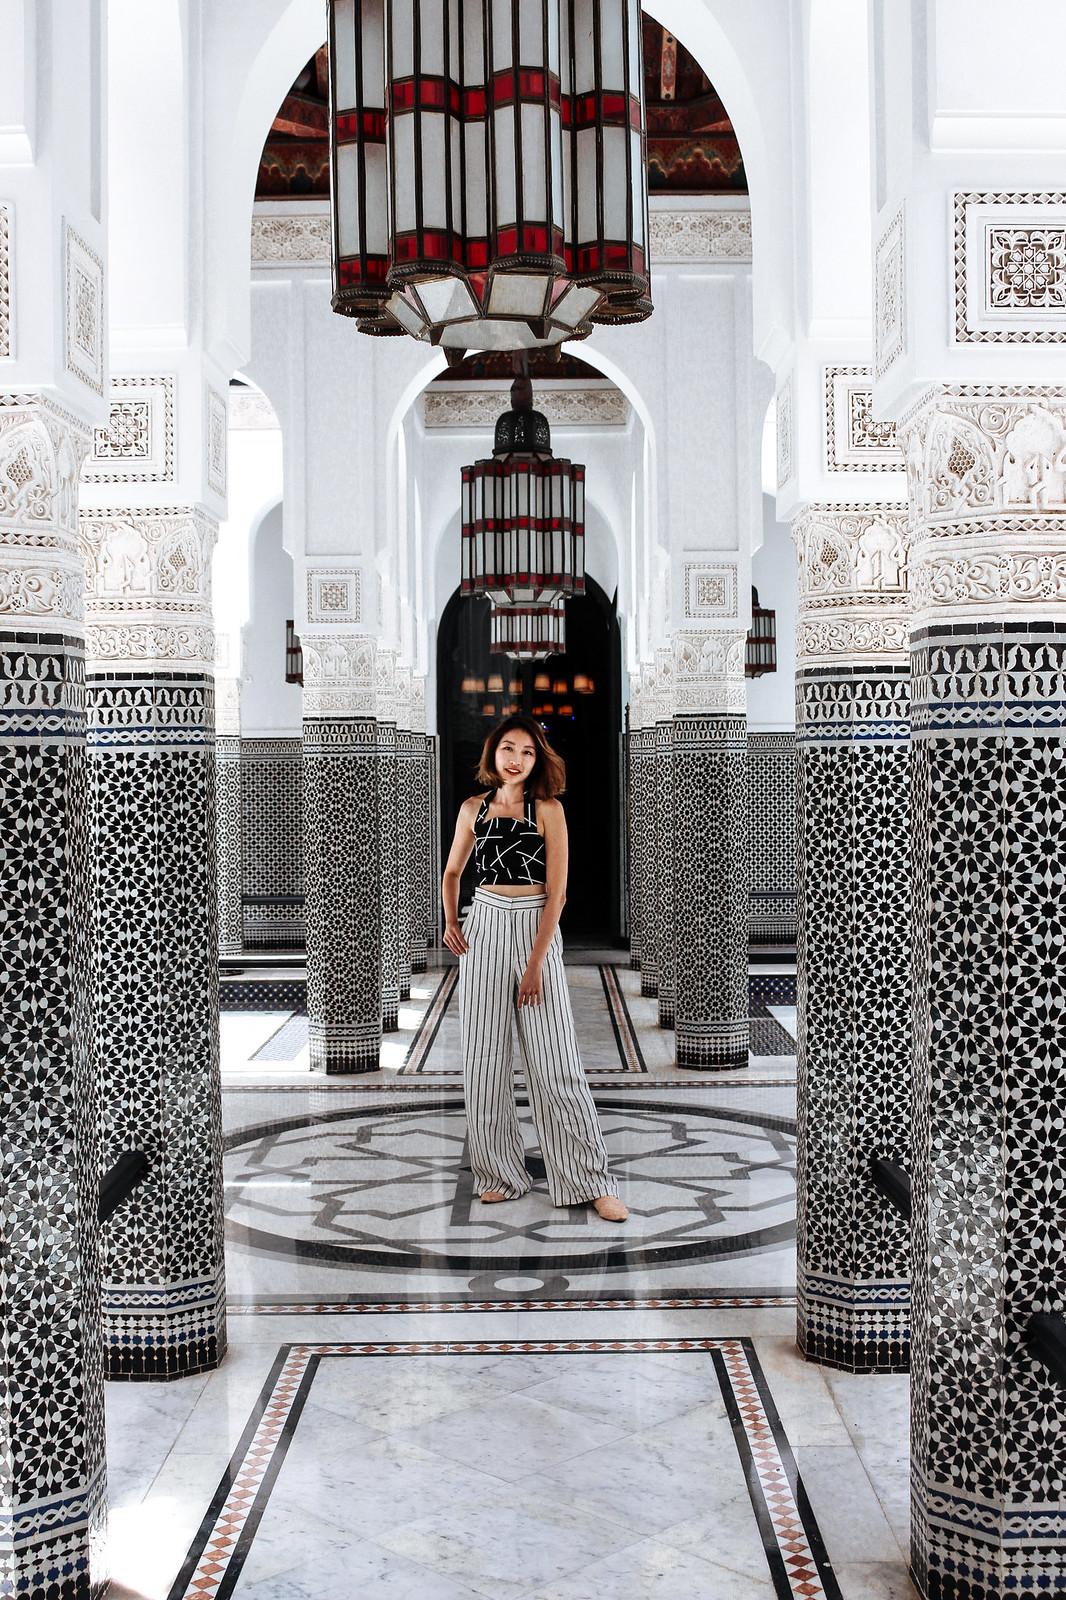 Marrakech - kisses,vera-73